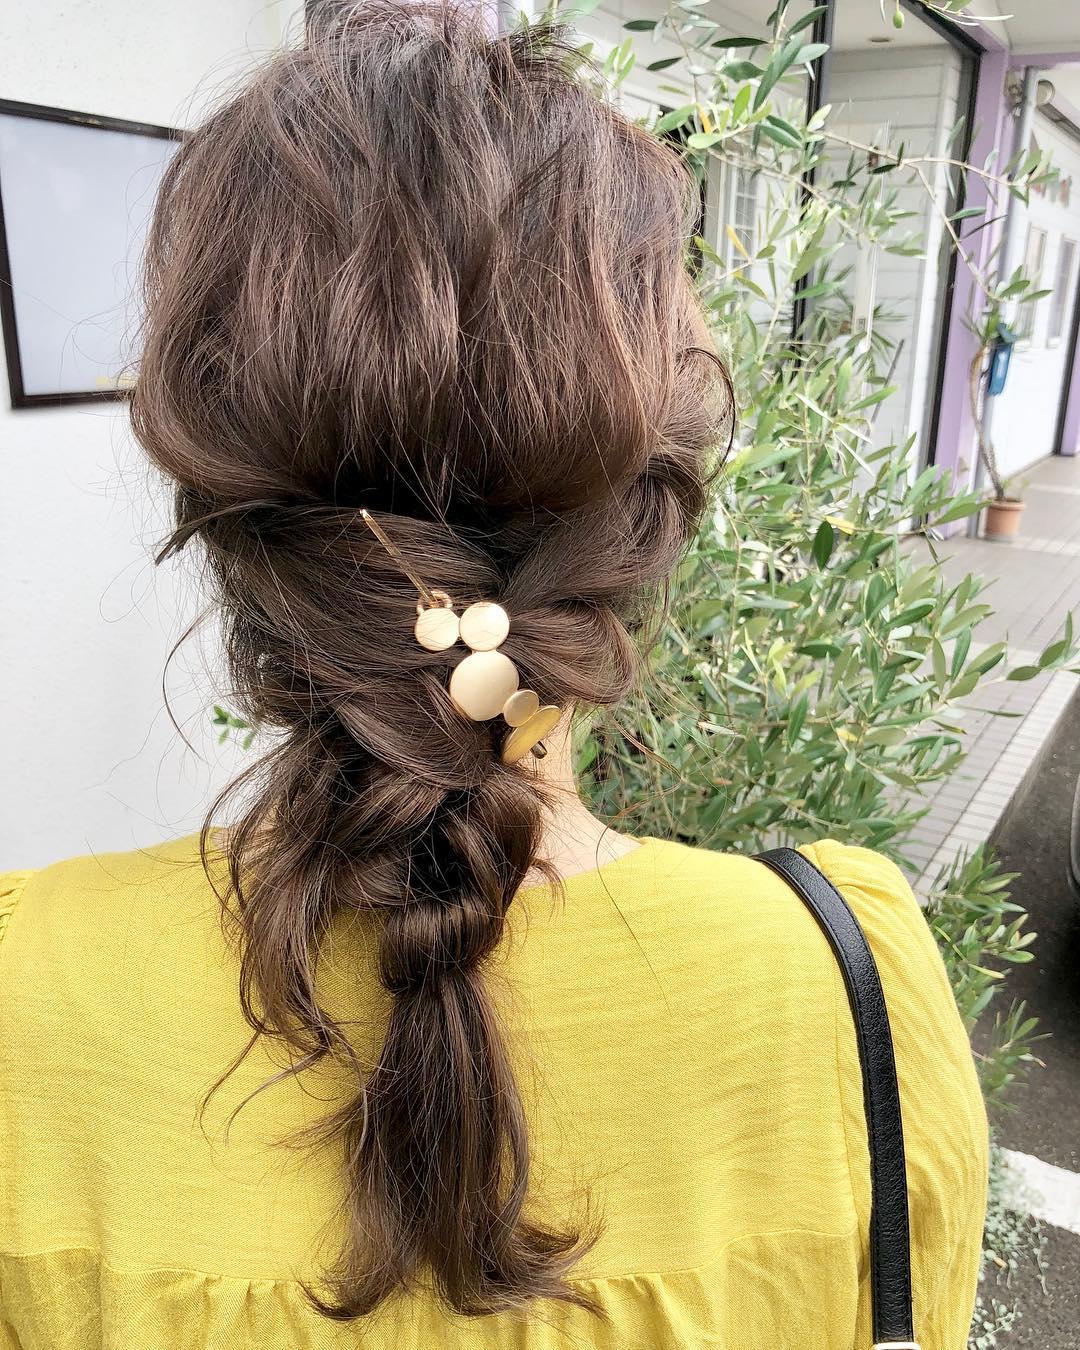 ナチュラルで大人っぽい☆シトラスカラーのアイテムに合うヘアアレンジ6